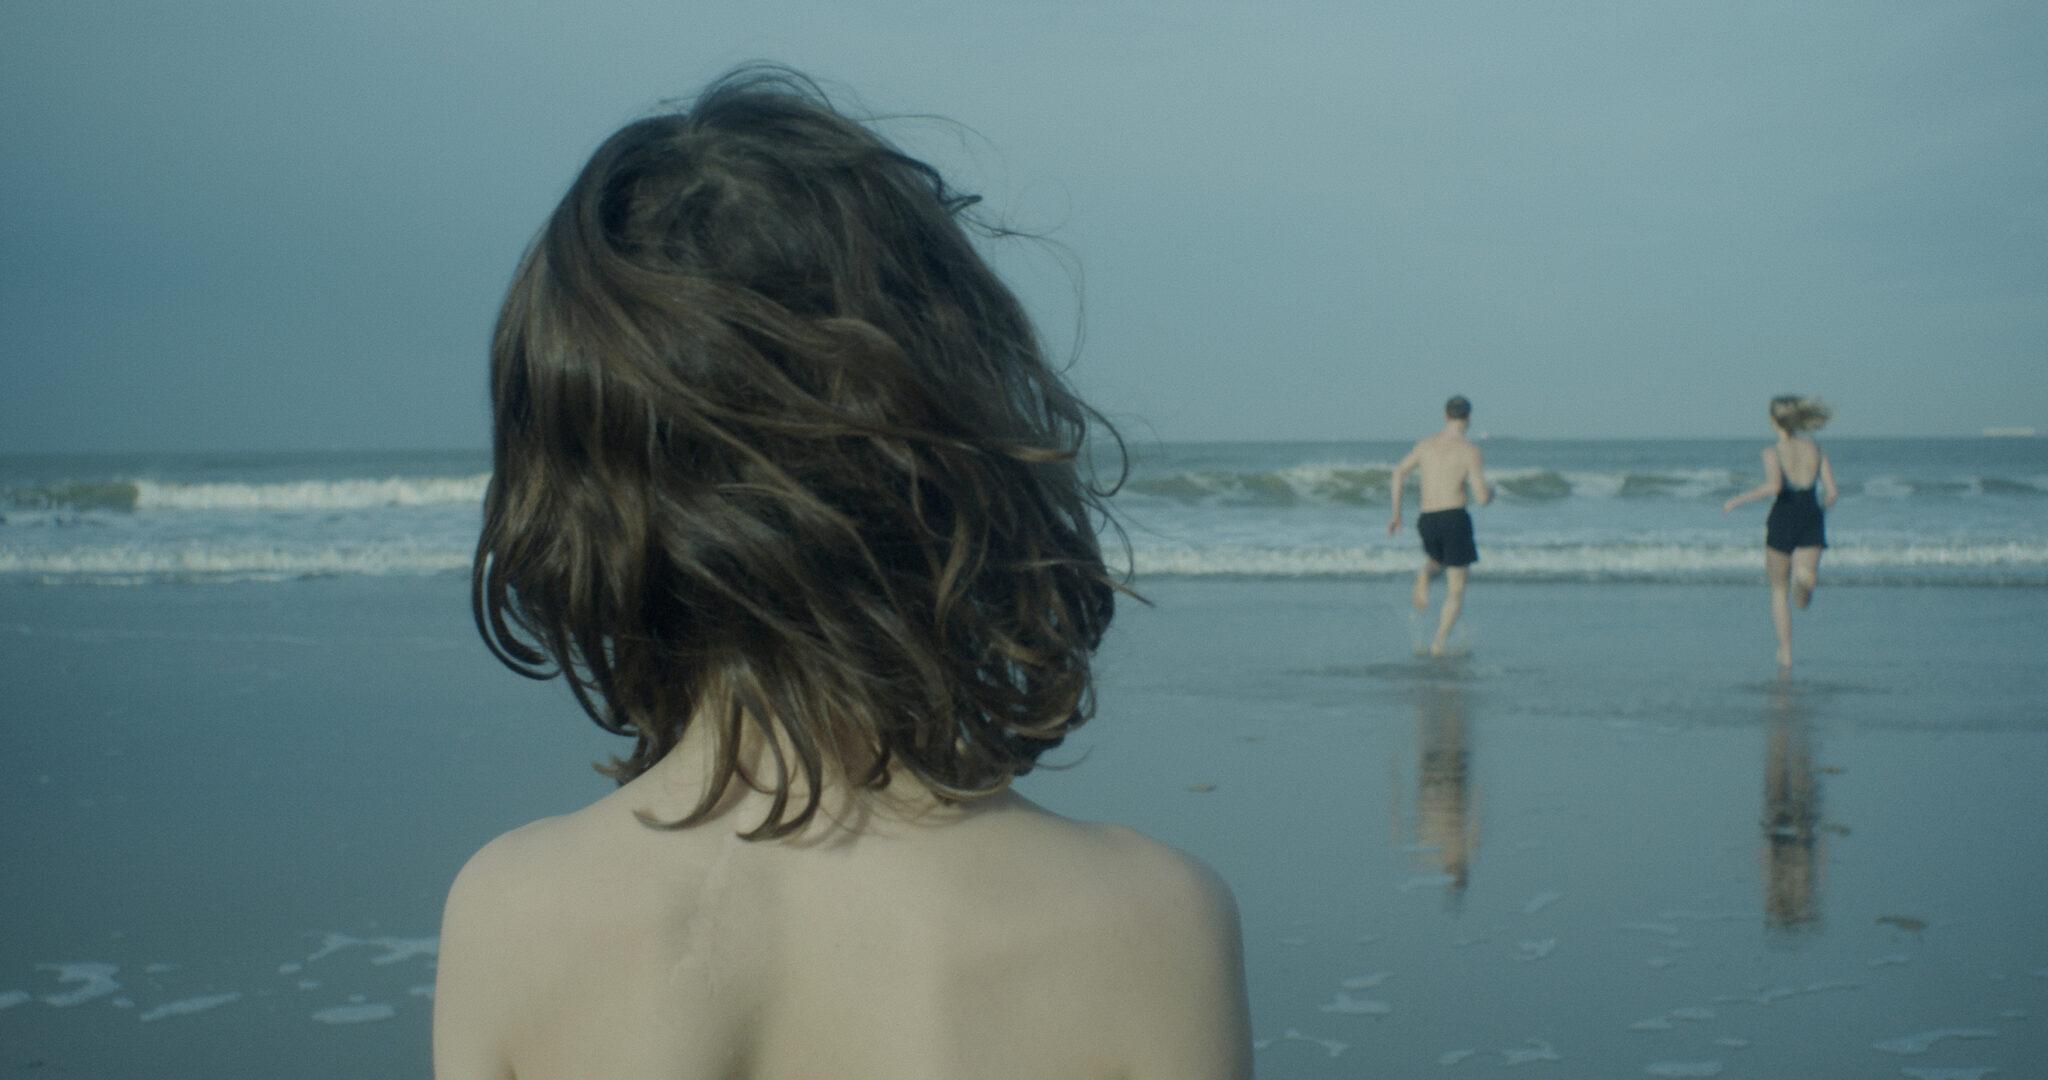 Von hinten sieht man Max (Wanja Kube) der am Strand steht und Richtung Wasser, wo seine Schwester und sein Vater hinrennen.